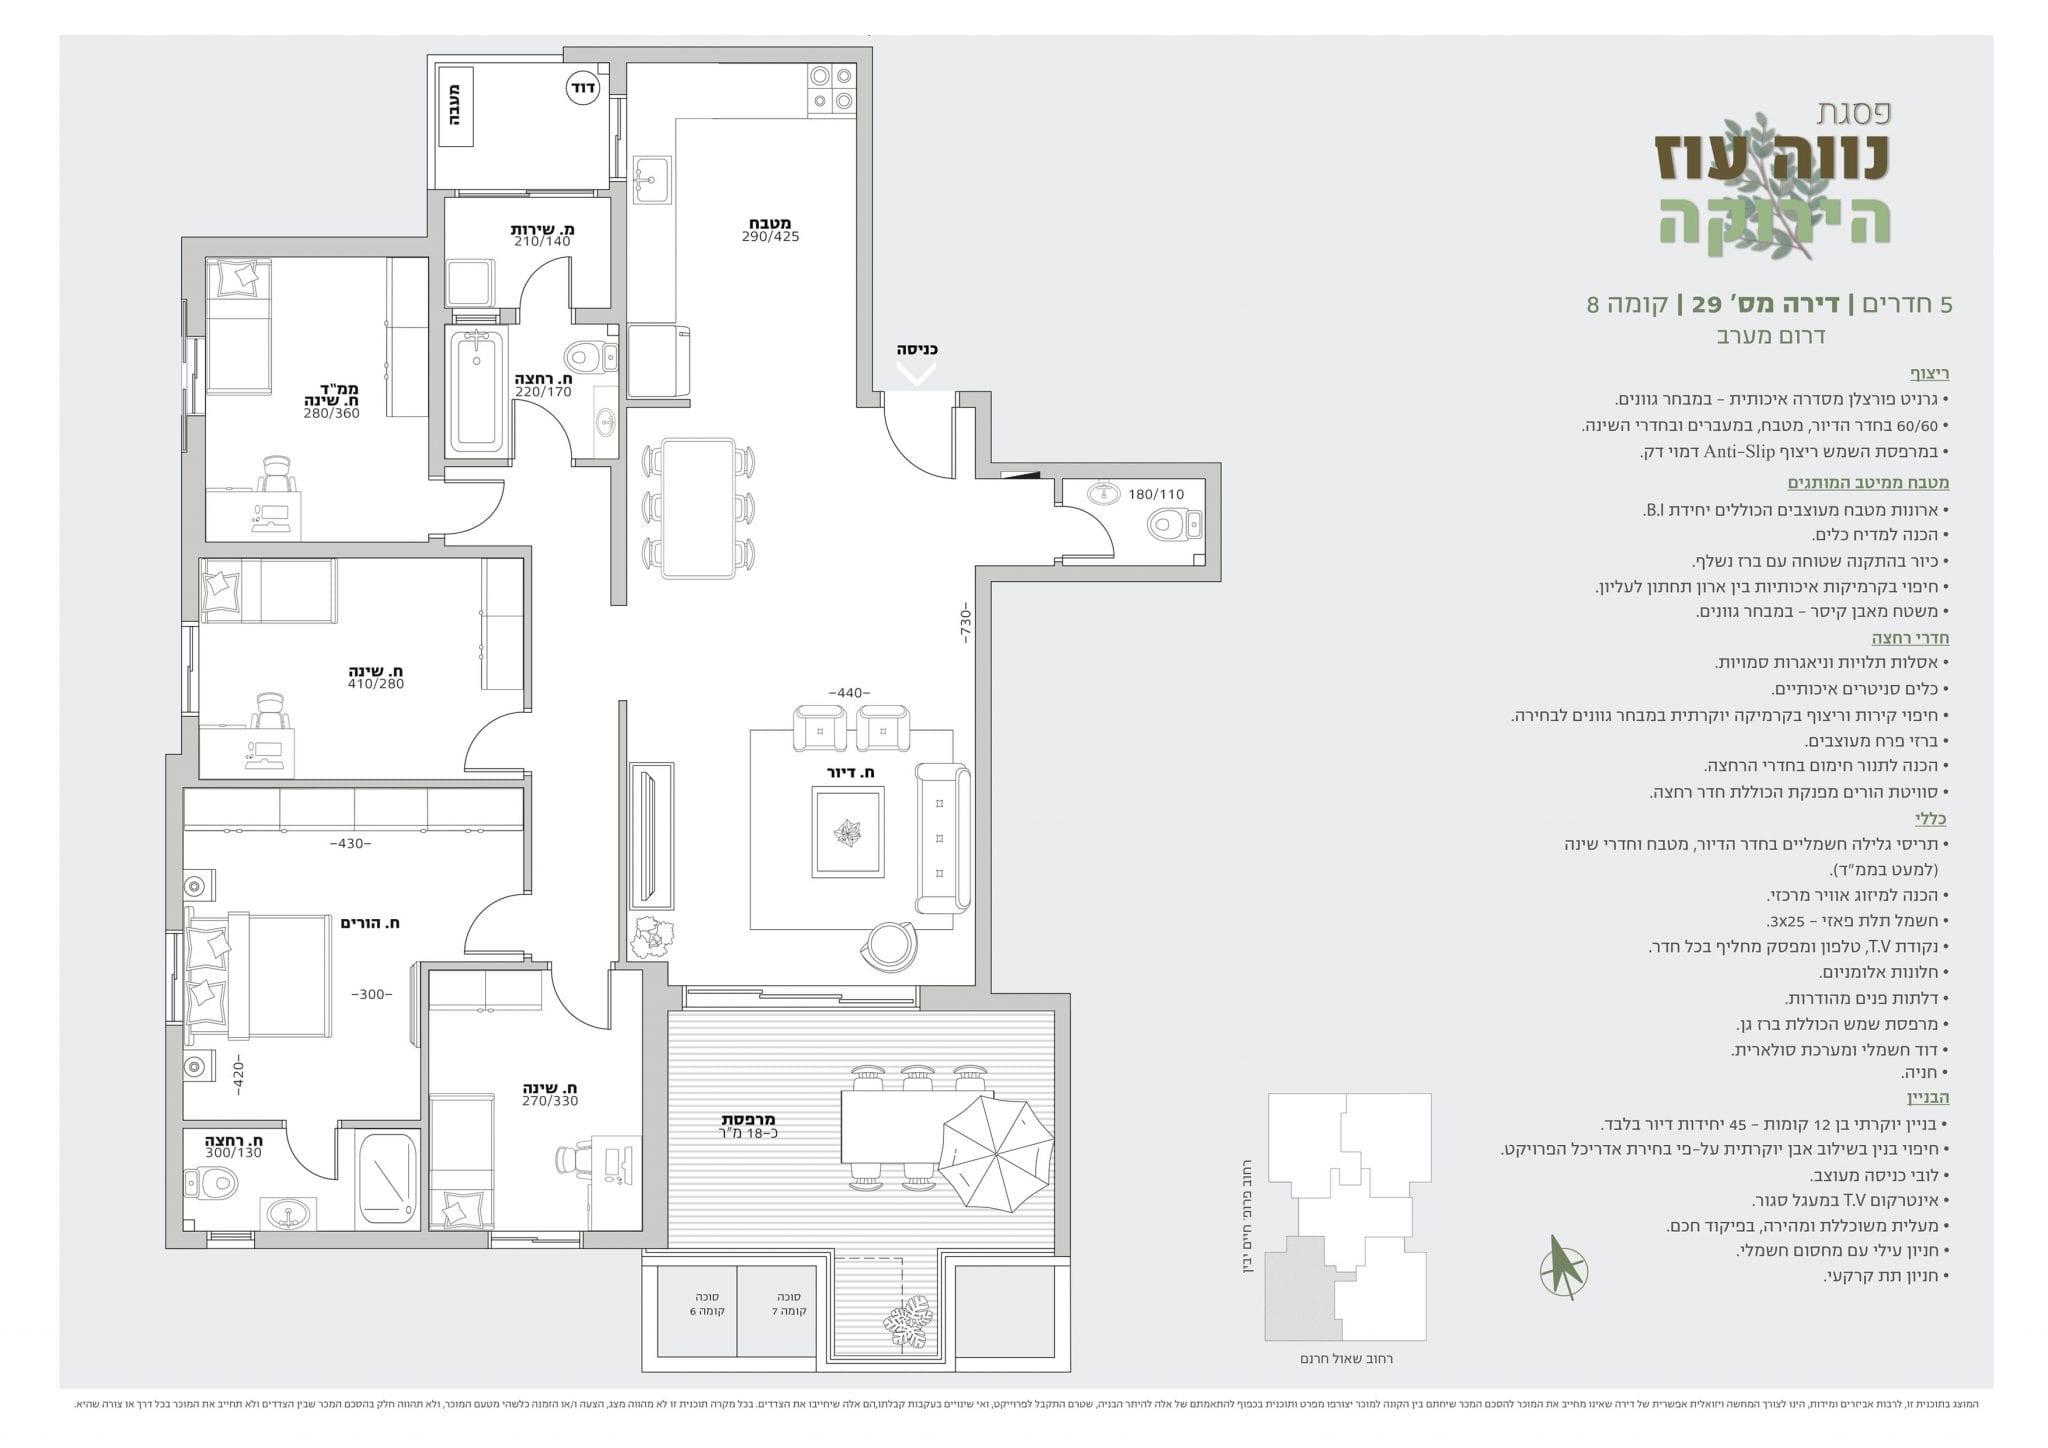 דירת 5 חדרים מספר 29